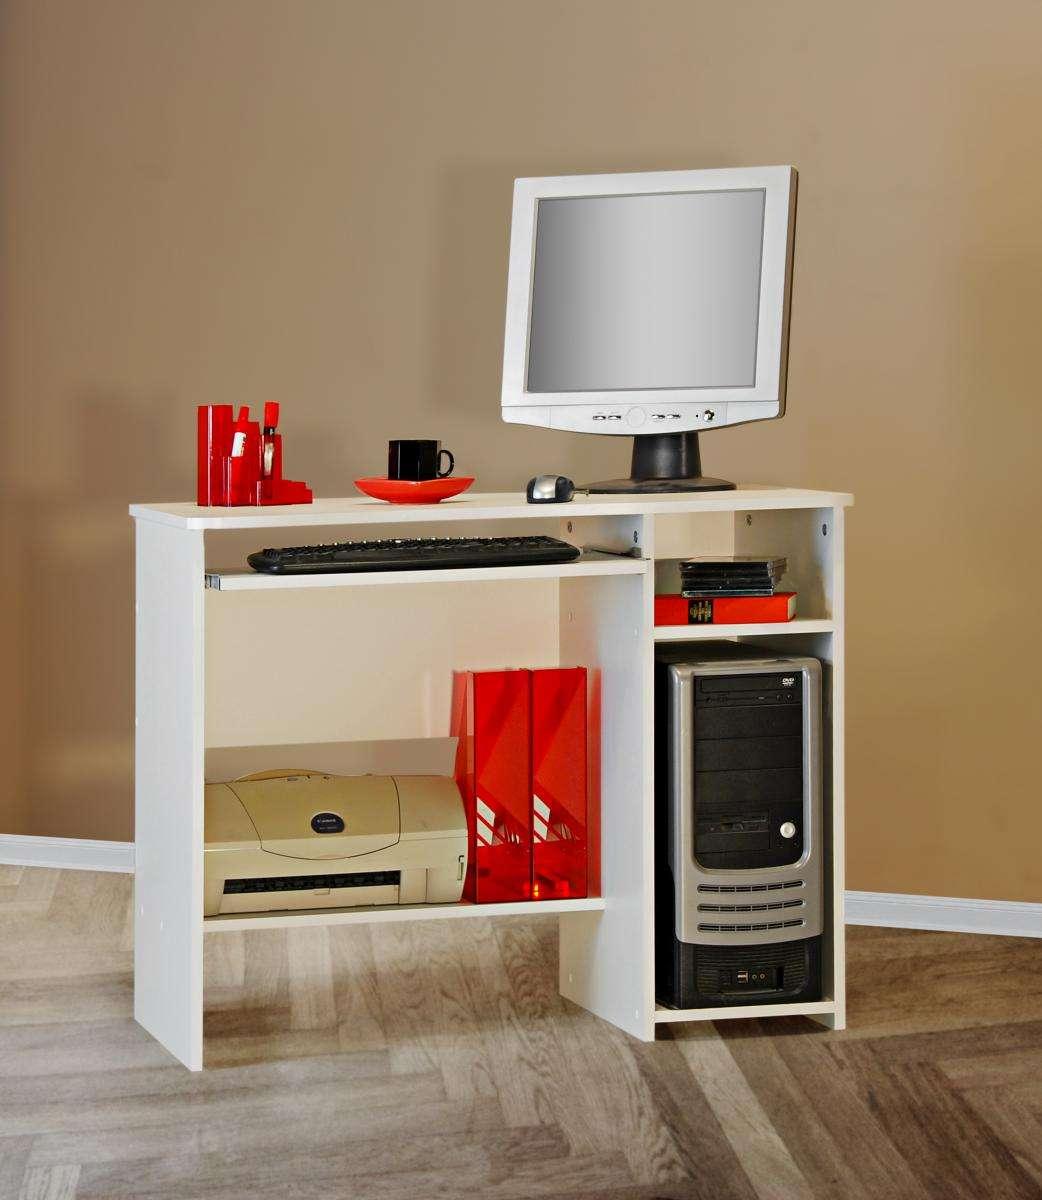 schreibtisch tisch computertisch wei kinder jugend nb klein kompakter pc ebay. Black Bedroom Furniture Sets. Home Design Ideas